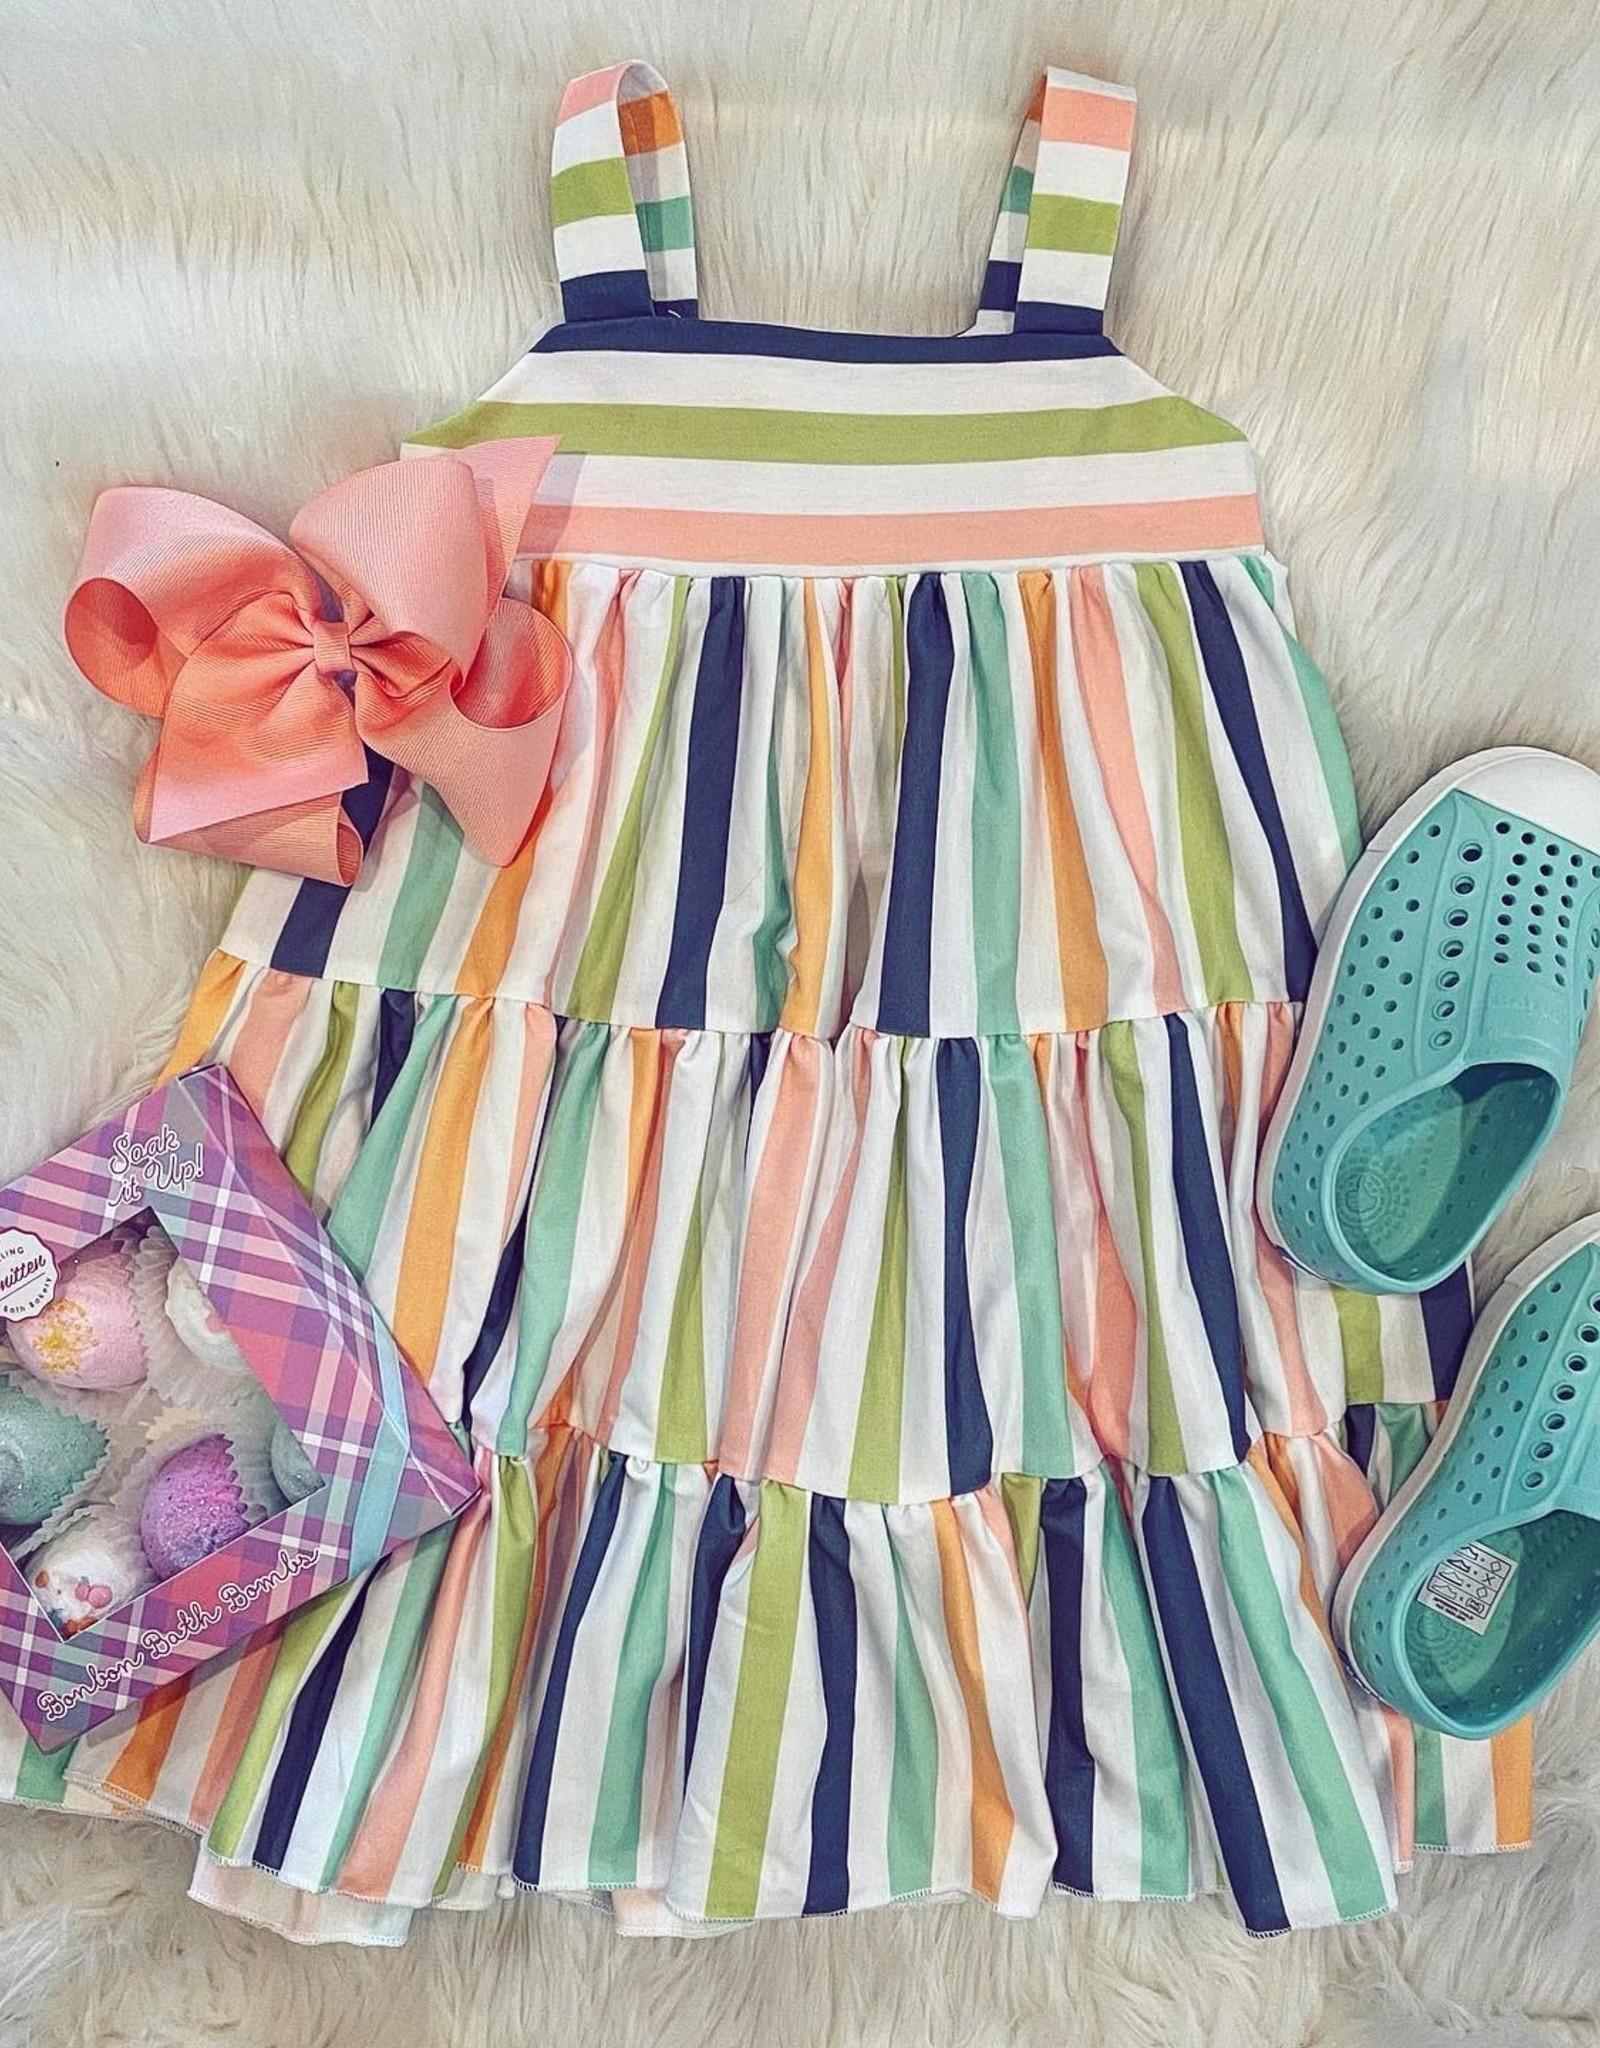 Be Girl Clothing Garden Twirler Dress In Whimsy Stripes